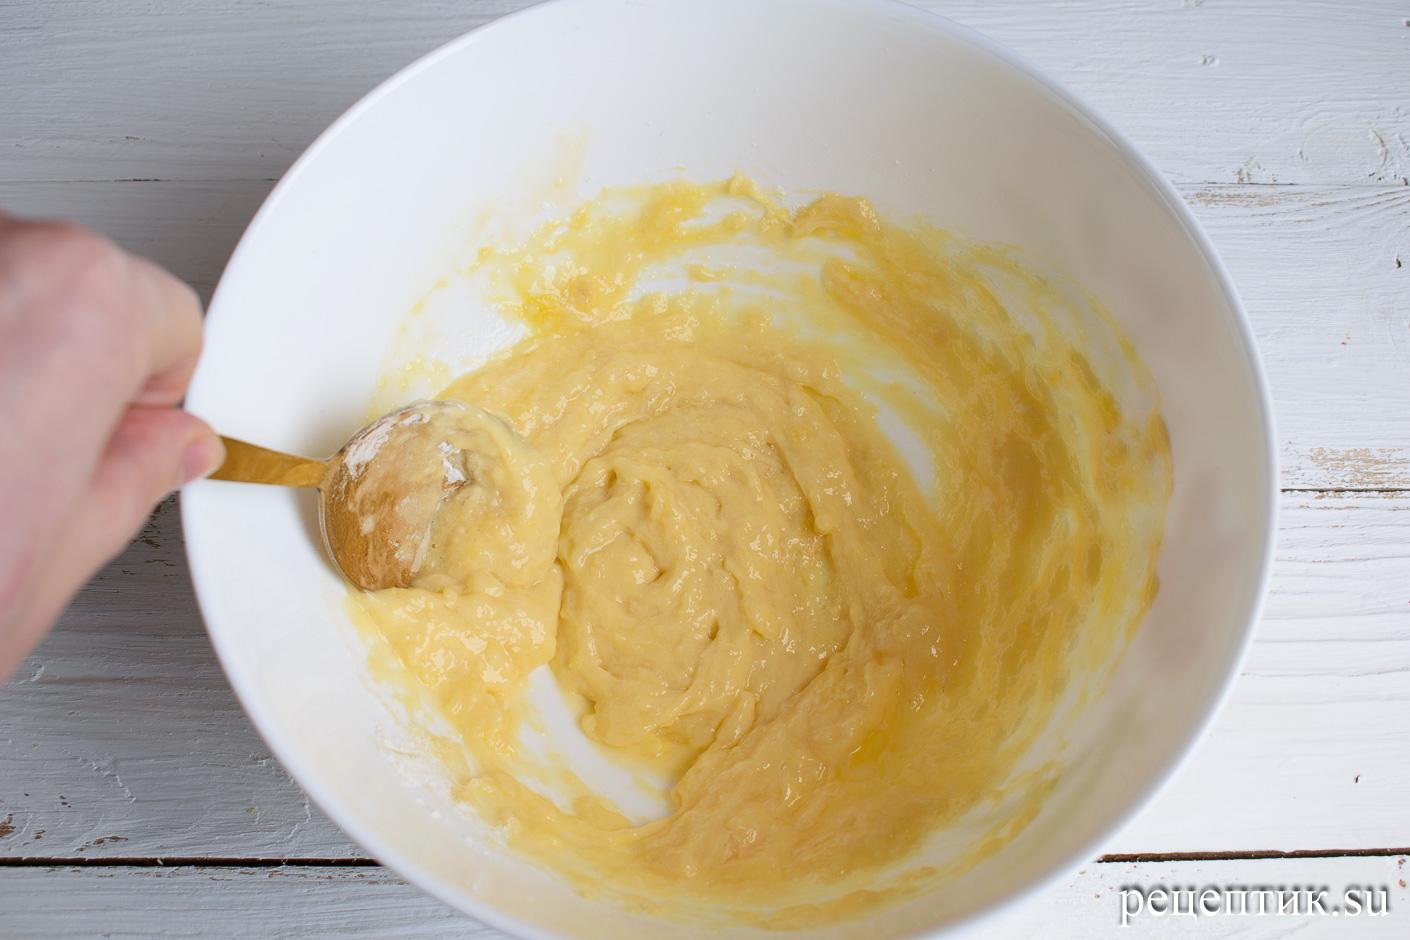 Пасхальный кулич-краффин – простой, быстрый и невероятно вкусный - рецепт с фото, шаг 4